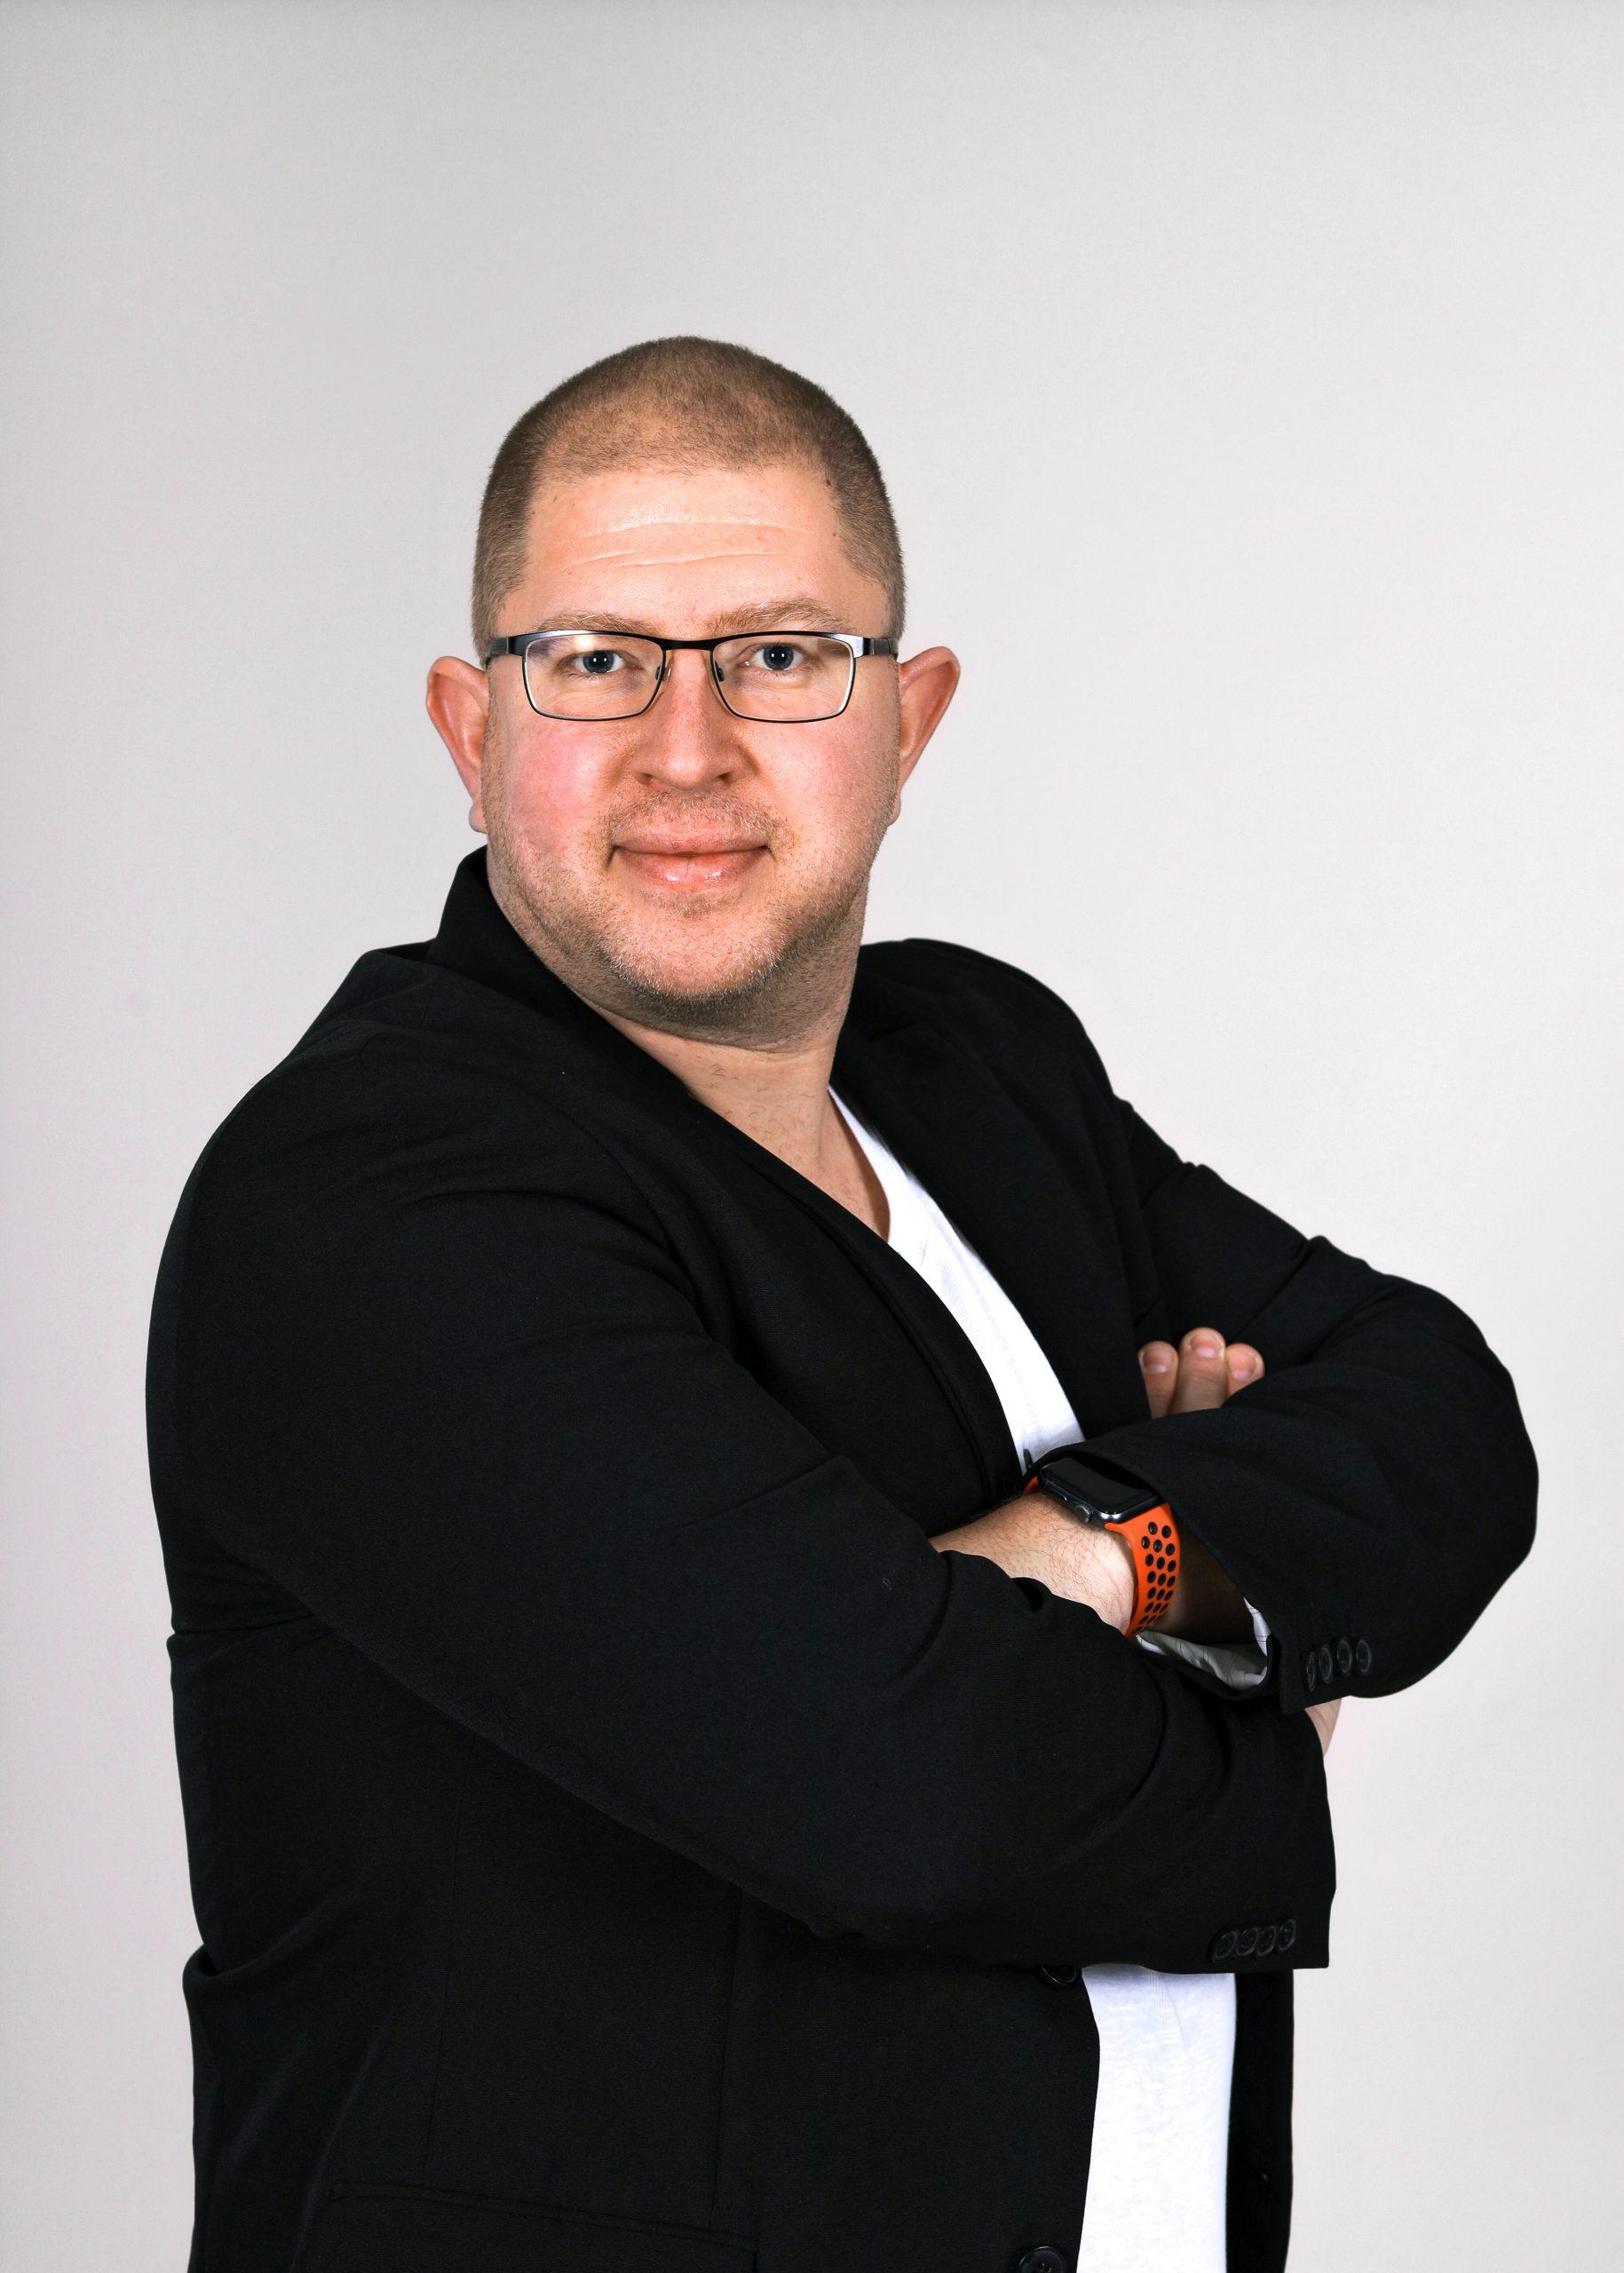 Manuel Hennings